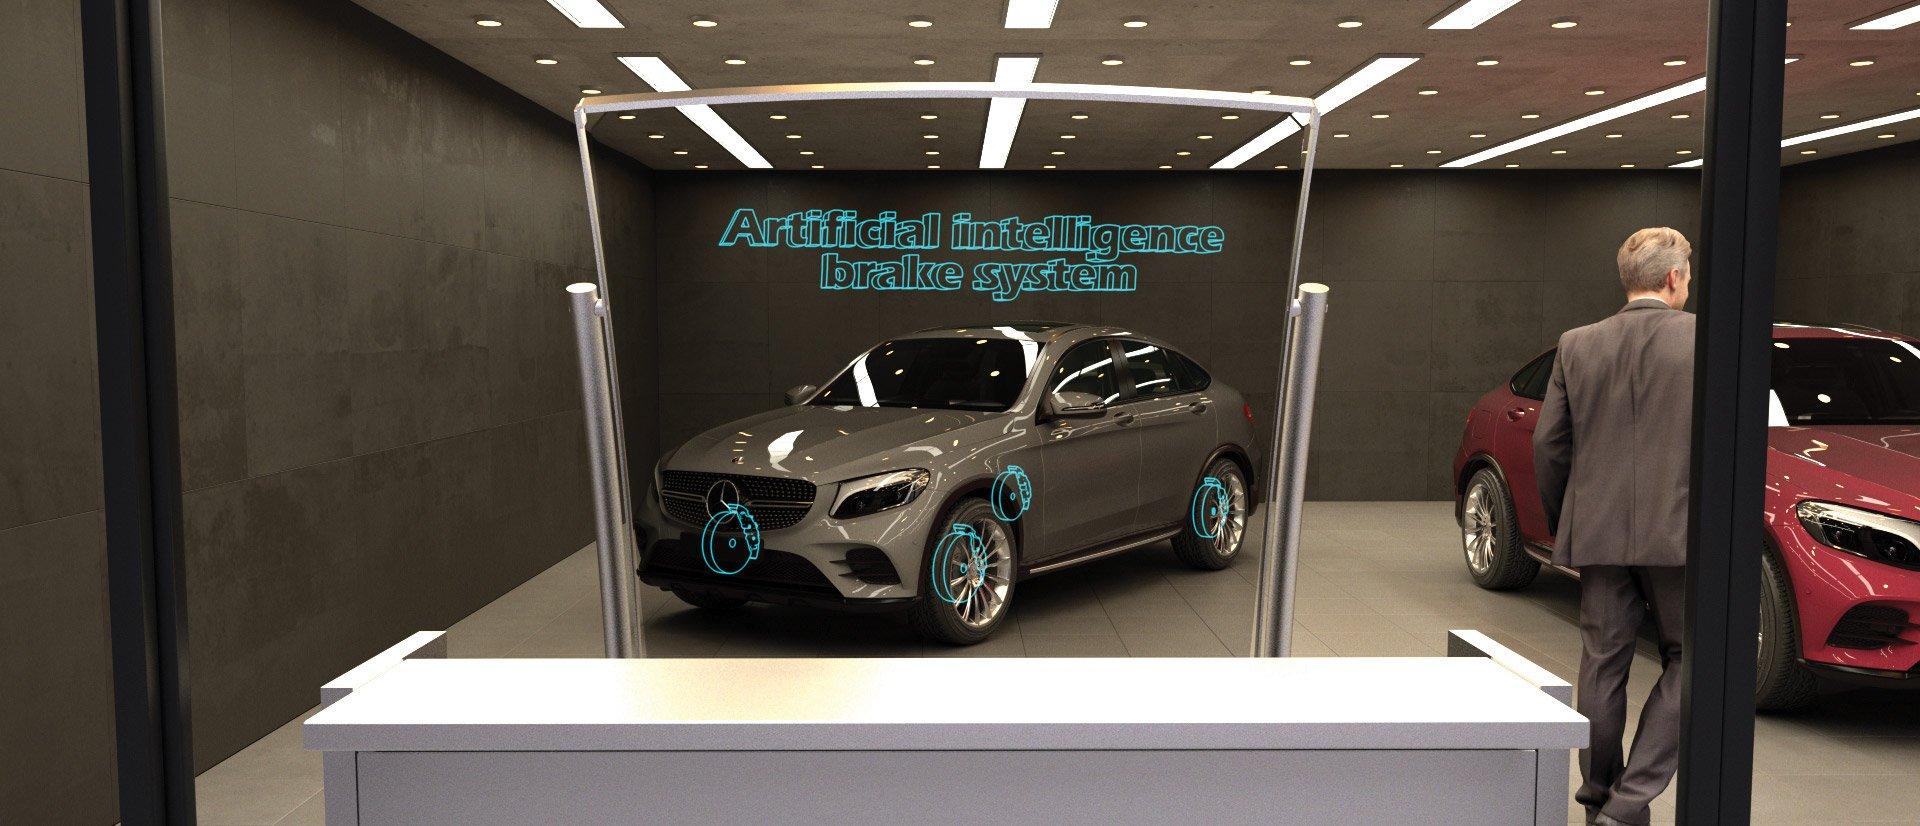 DeepFrame One car dealer